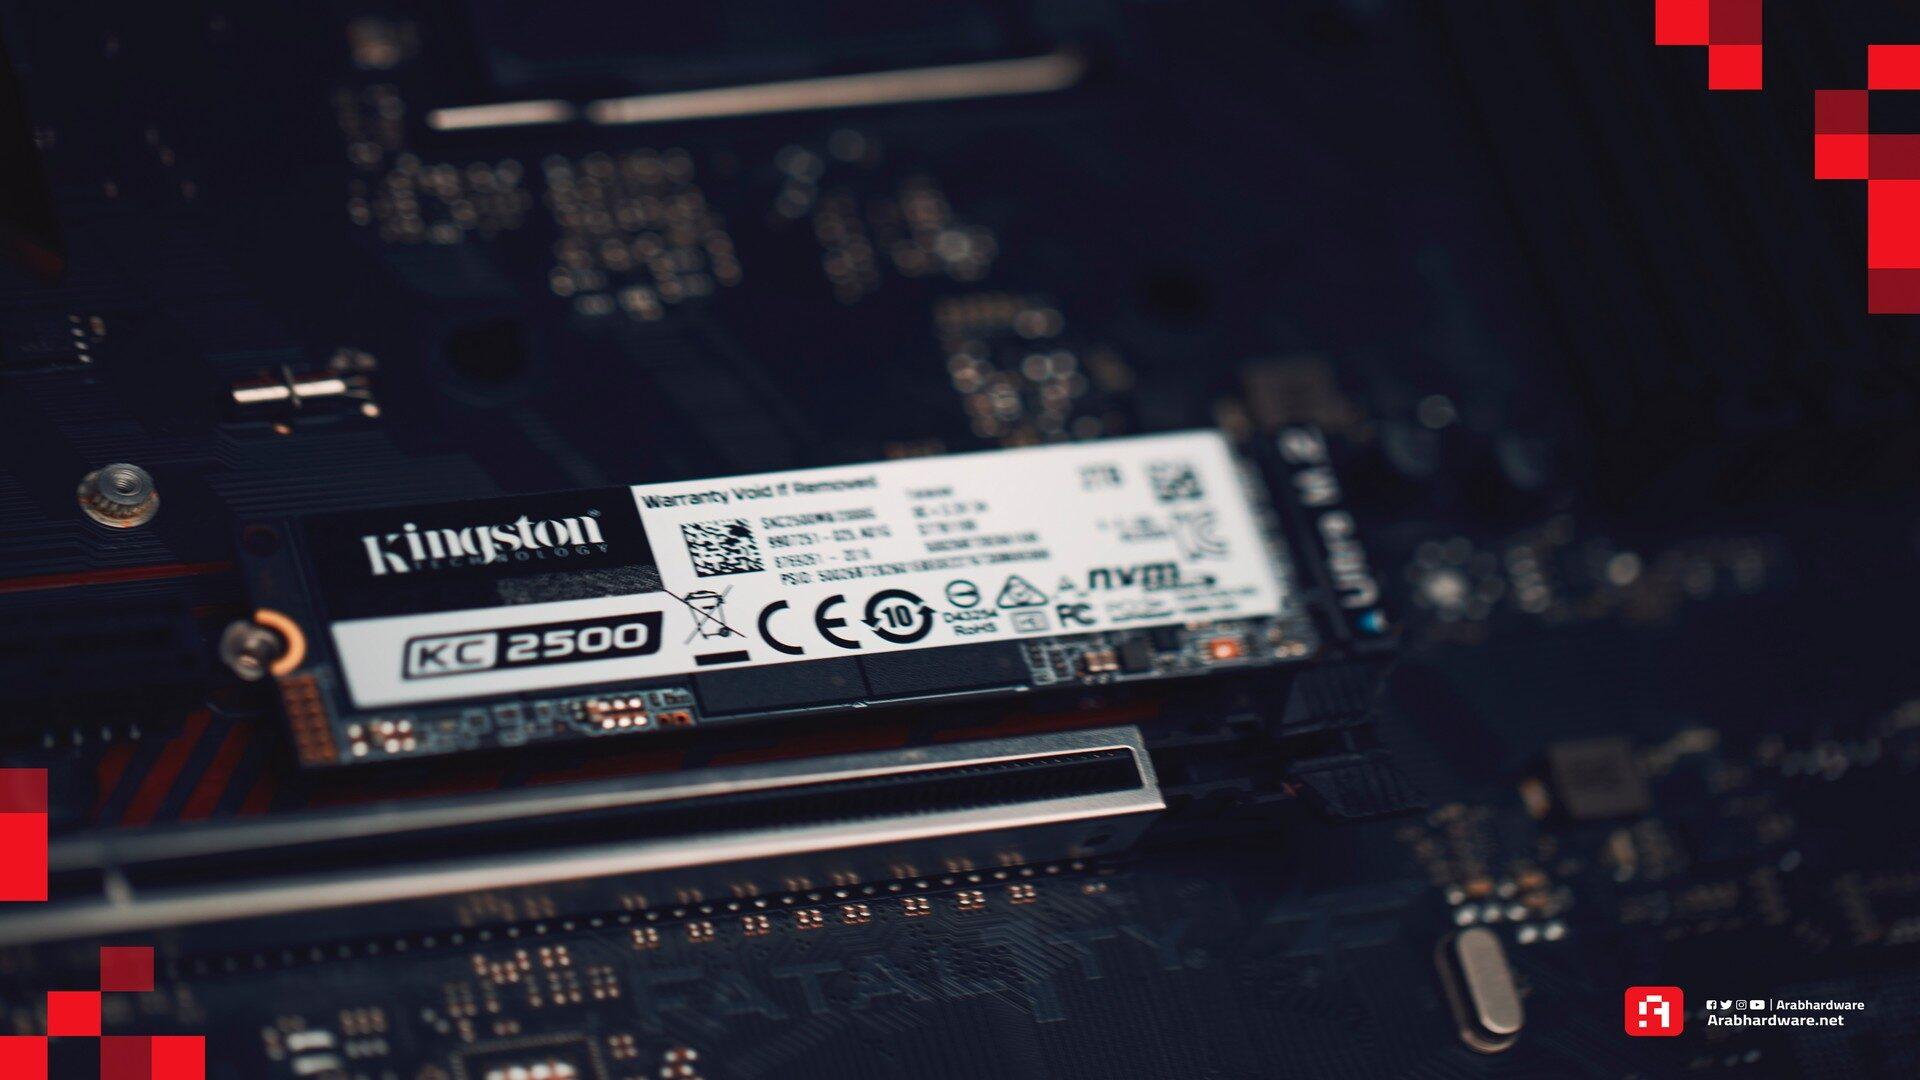 تحديث الكمبيوتر وأهمية الـ SSD